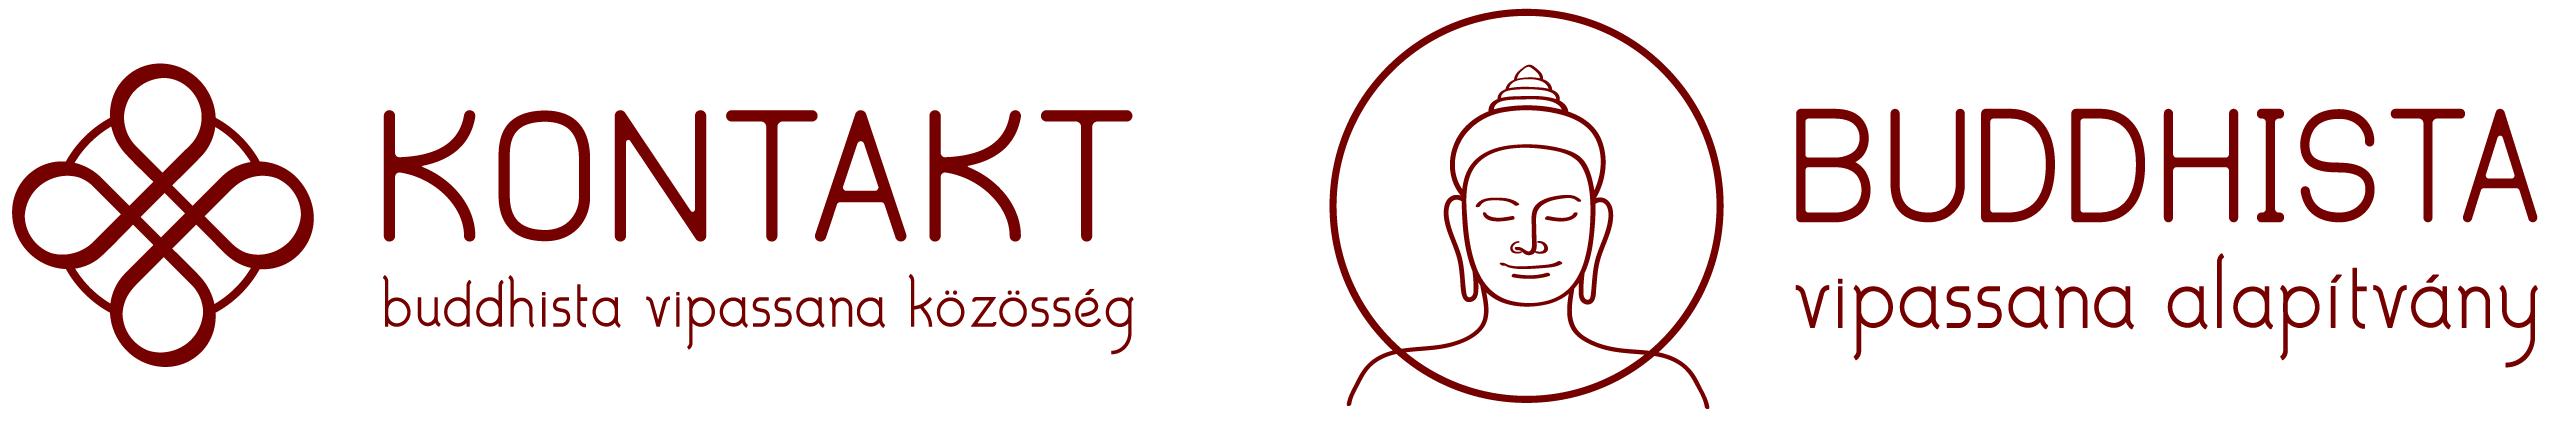 ॐ Kontakt Buddhista Vipassana Közösség & Buddhista Vipassana Alapítvány